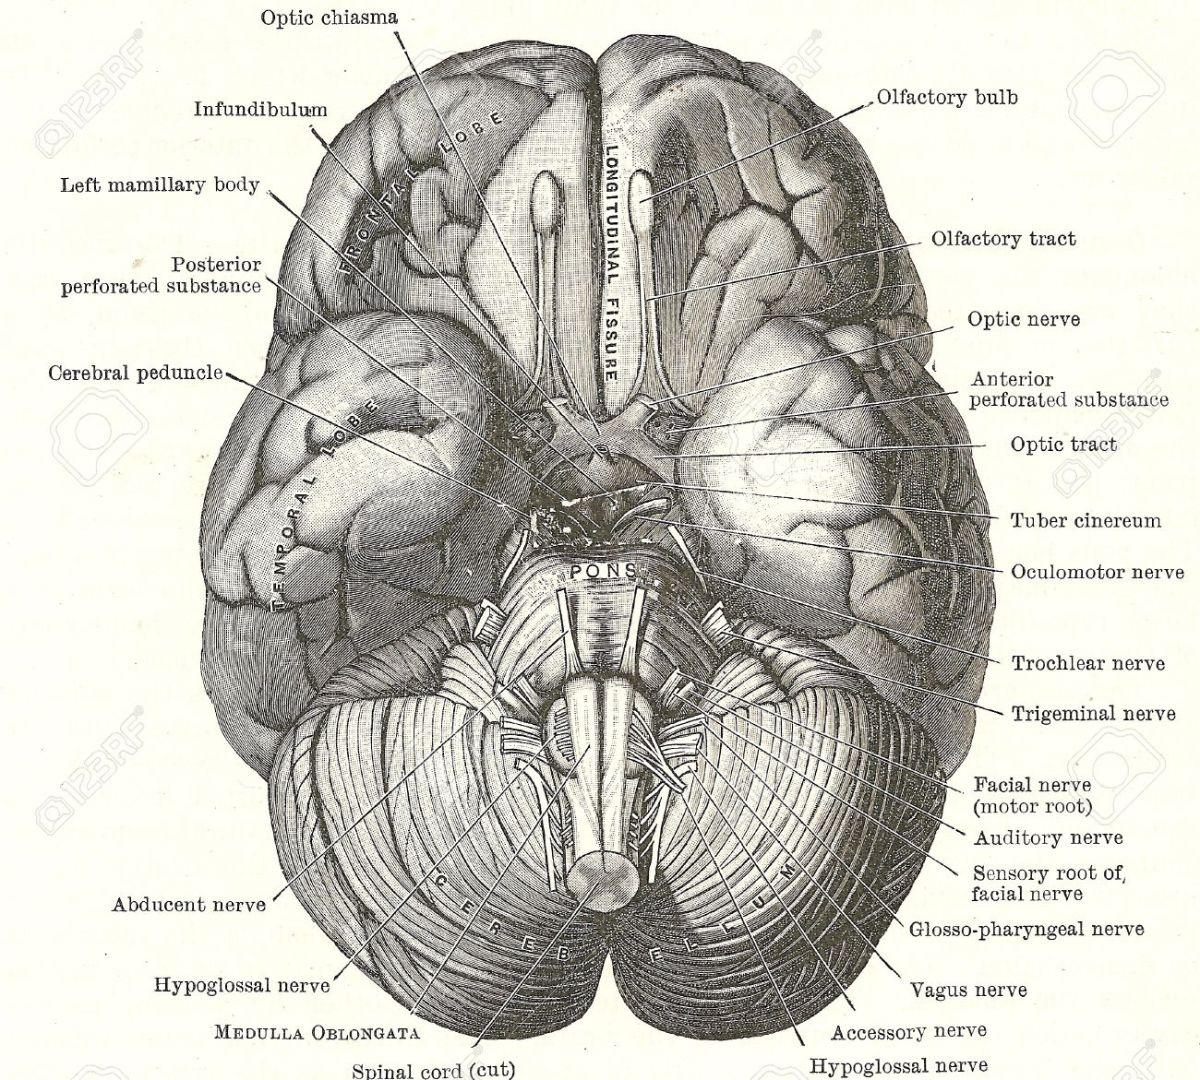 La Disección de un Cerebro Humano en 7 Imágenes